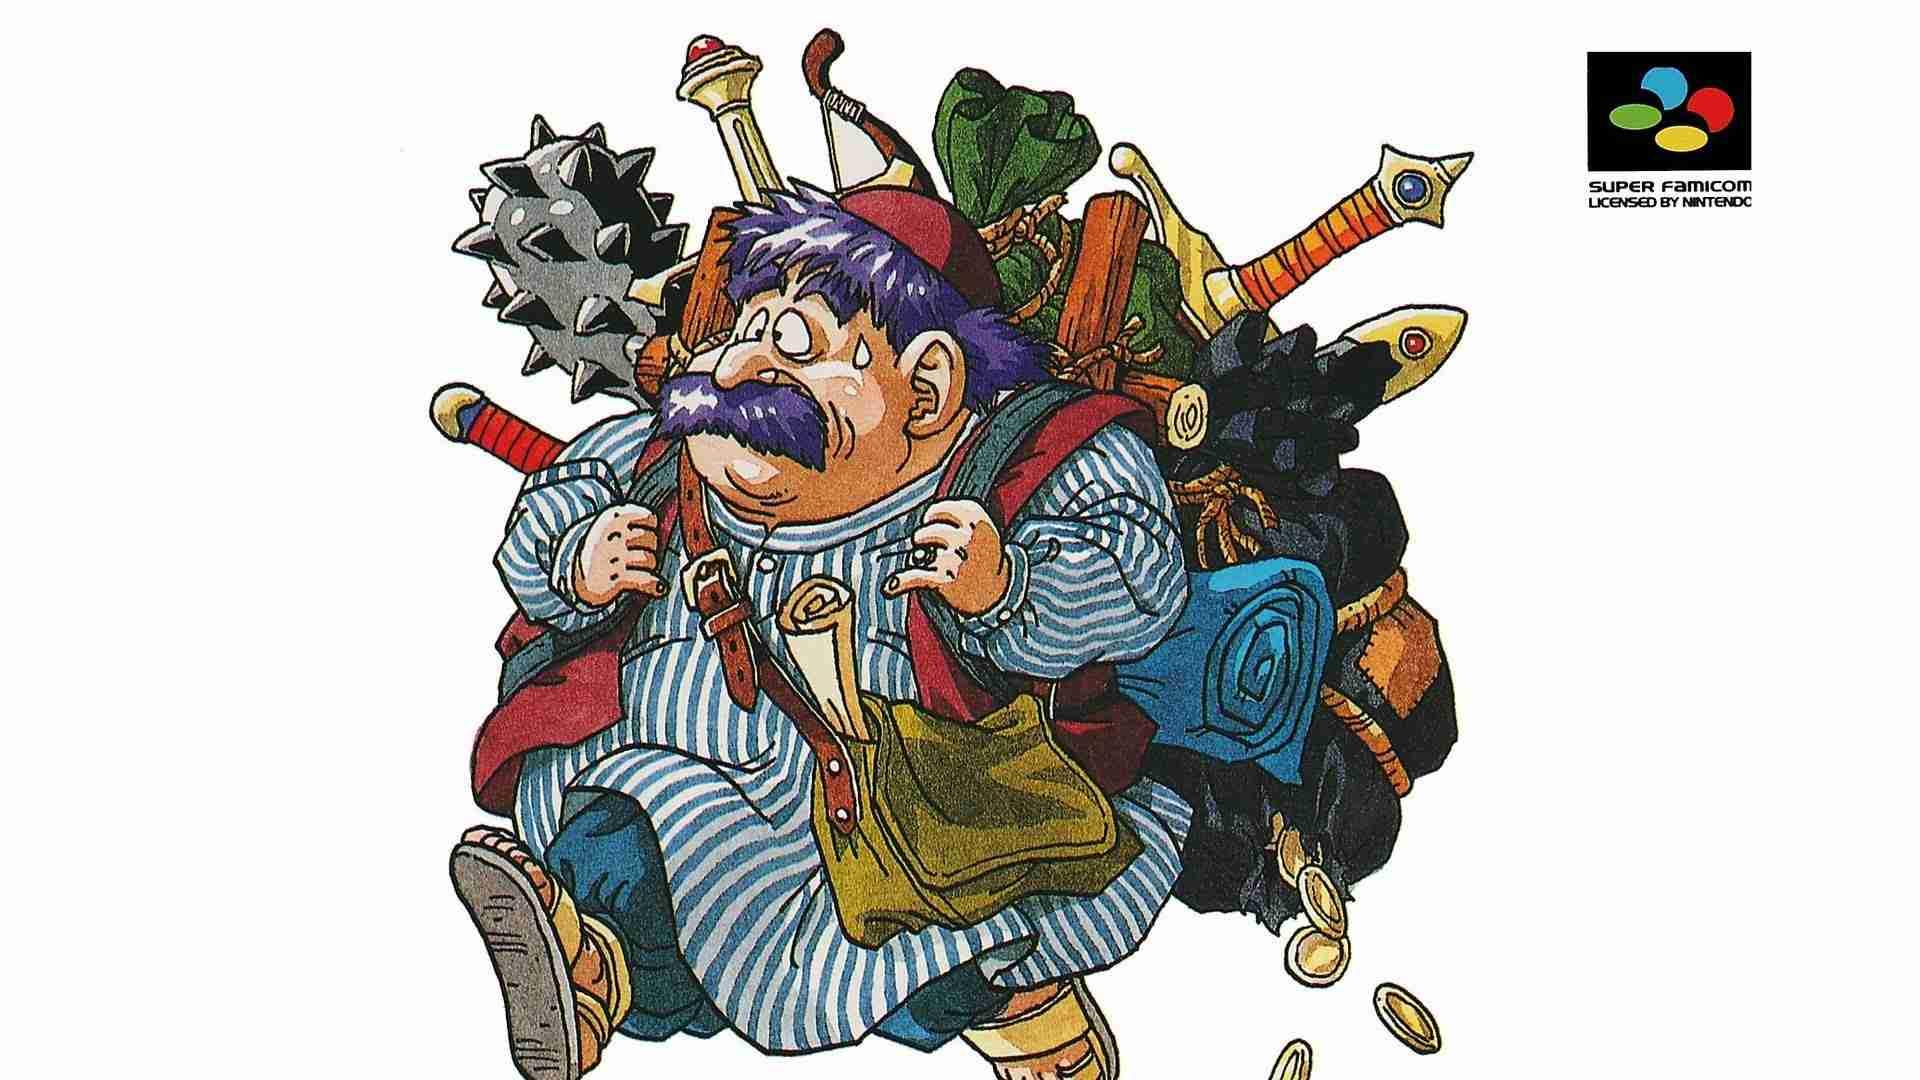 Torneko no Daibouken: Fushigi no Dungeon - Full OST [SNES] - YouTube